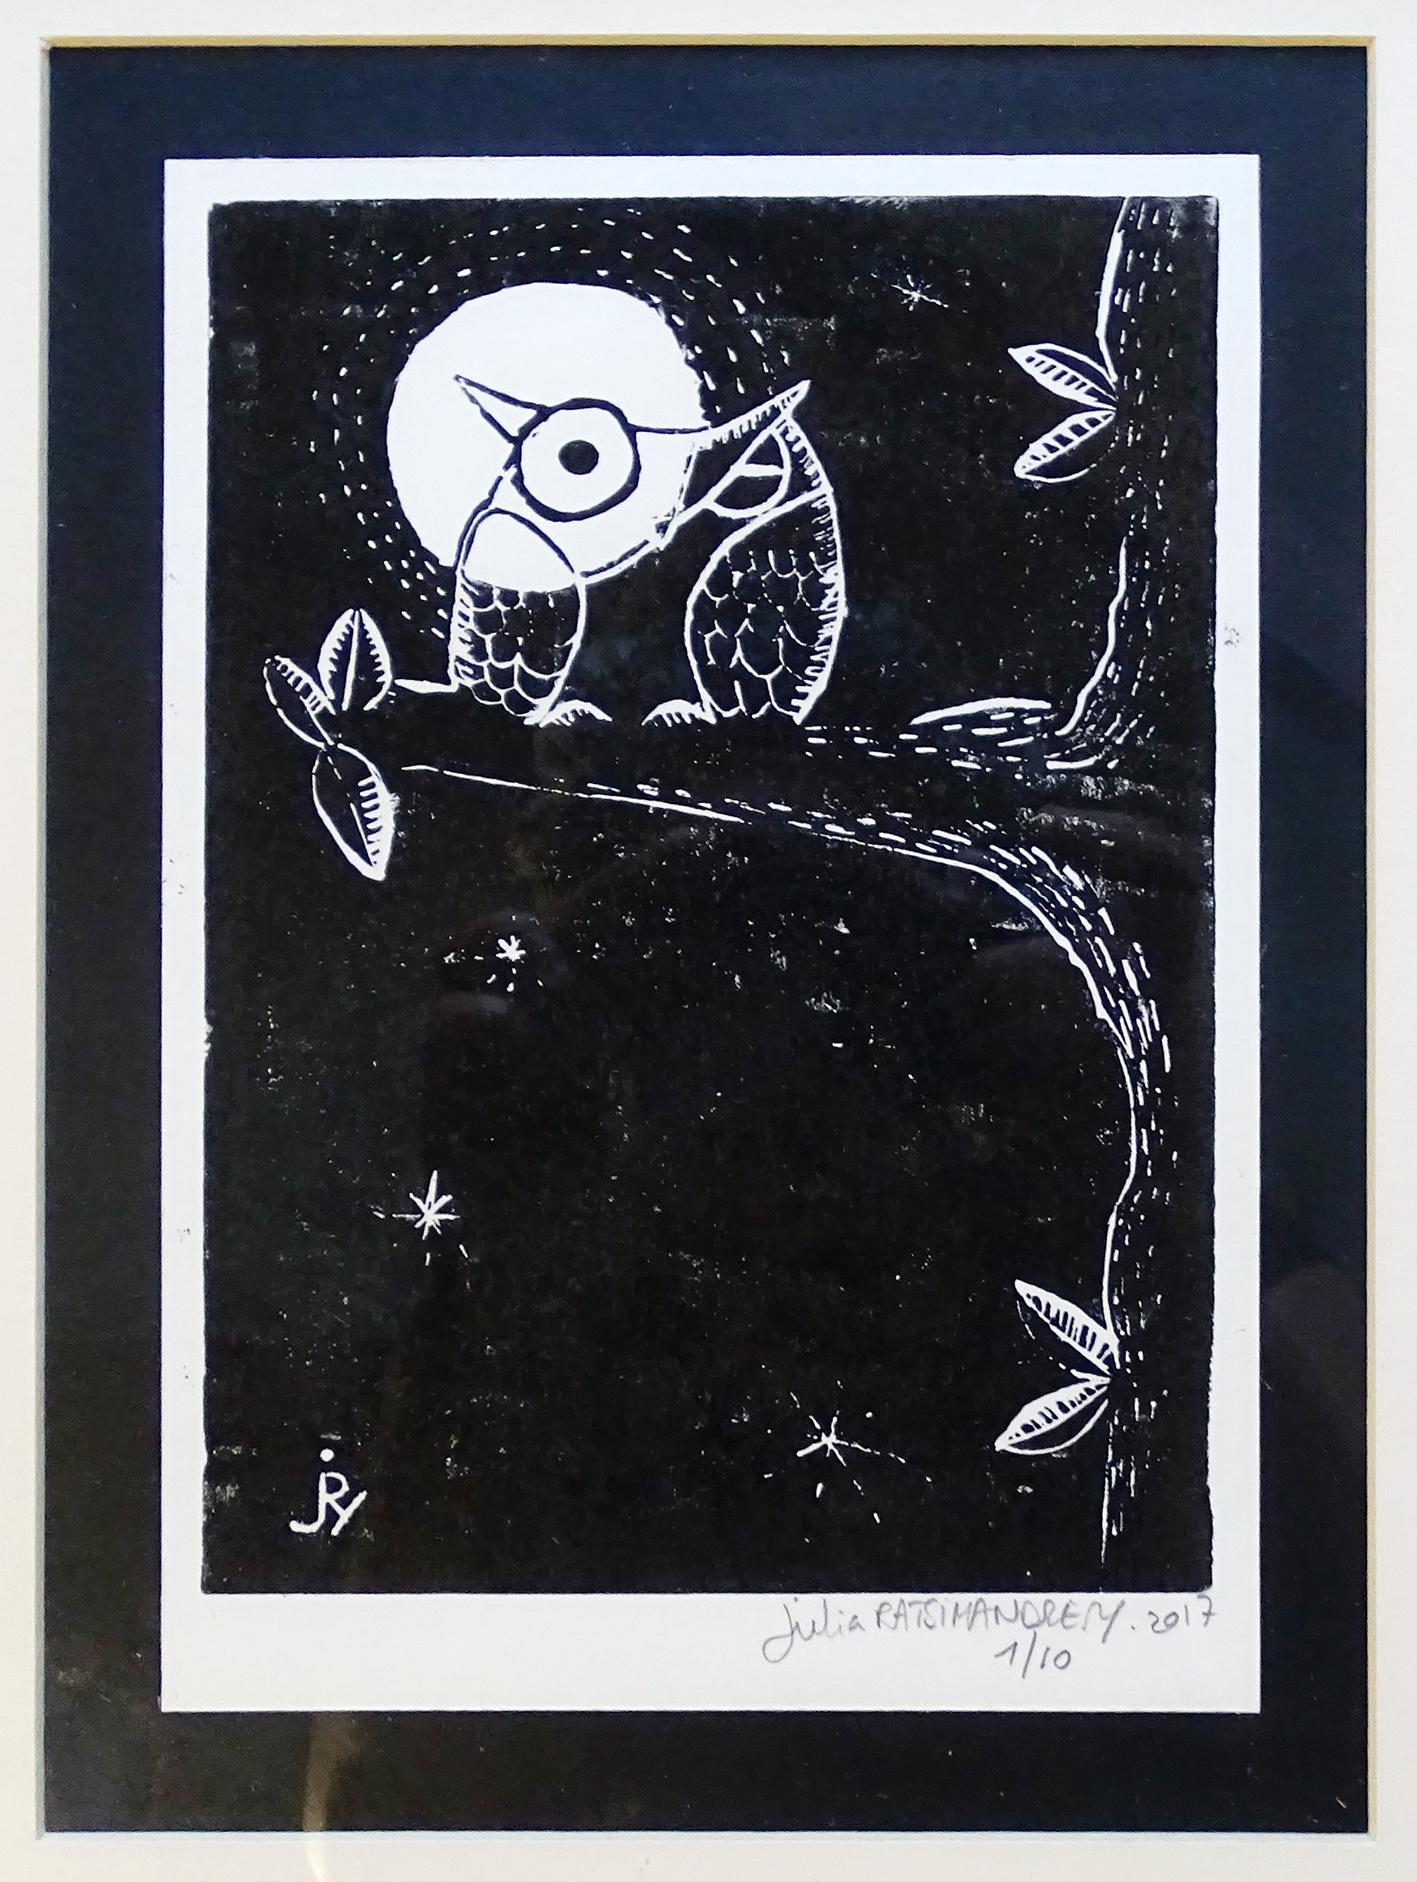 """""""Insomnie de pleine lune"""" ©Julia Ratsimandresy / Linogravure encre noire sur papier, tirage 1/10 signée / 60€ hors fdp"""